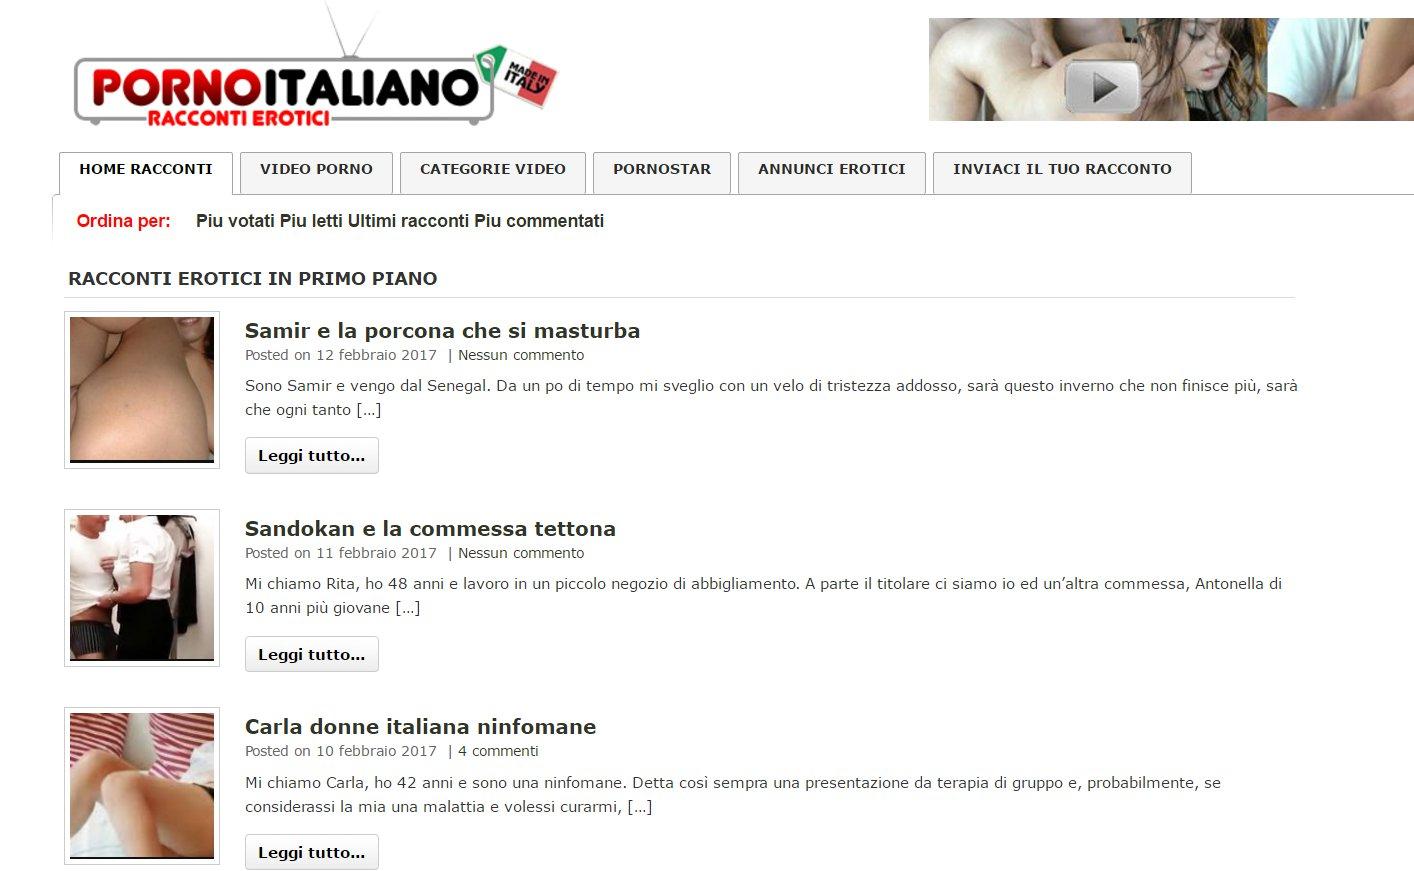 Racconti-erotici.pornoitaliano.com